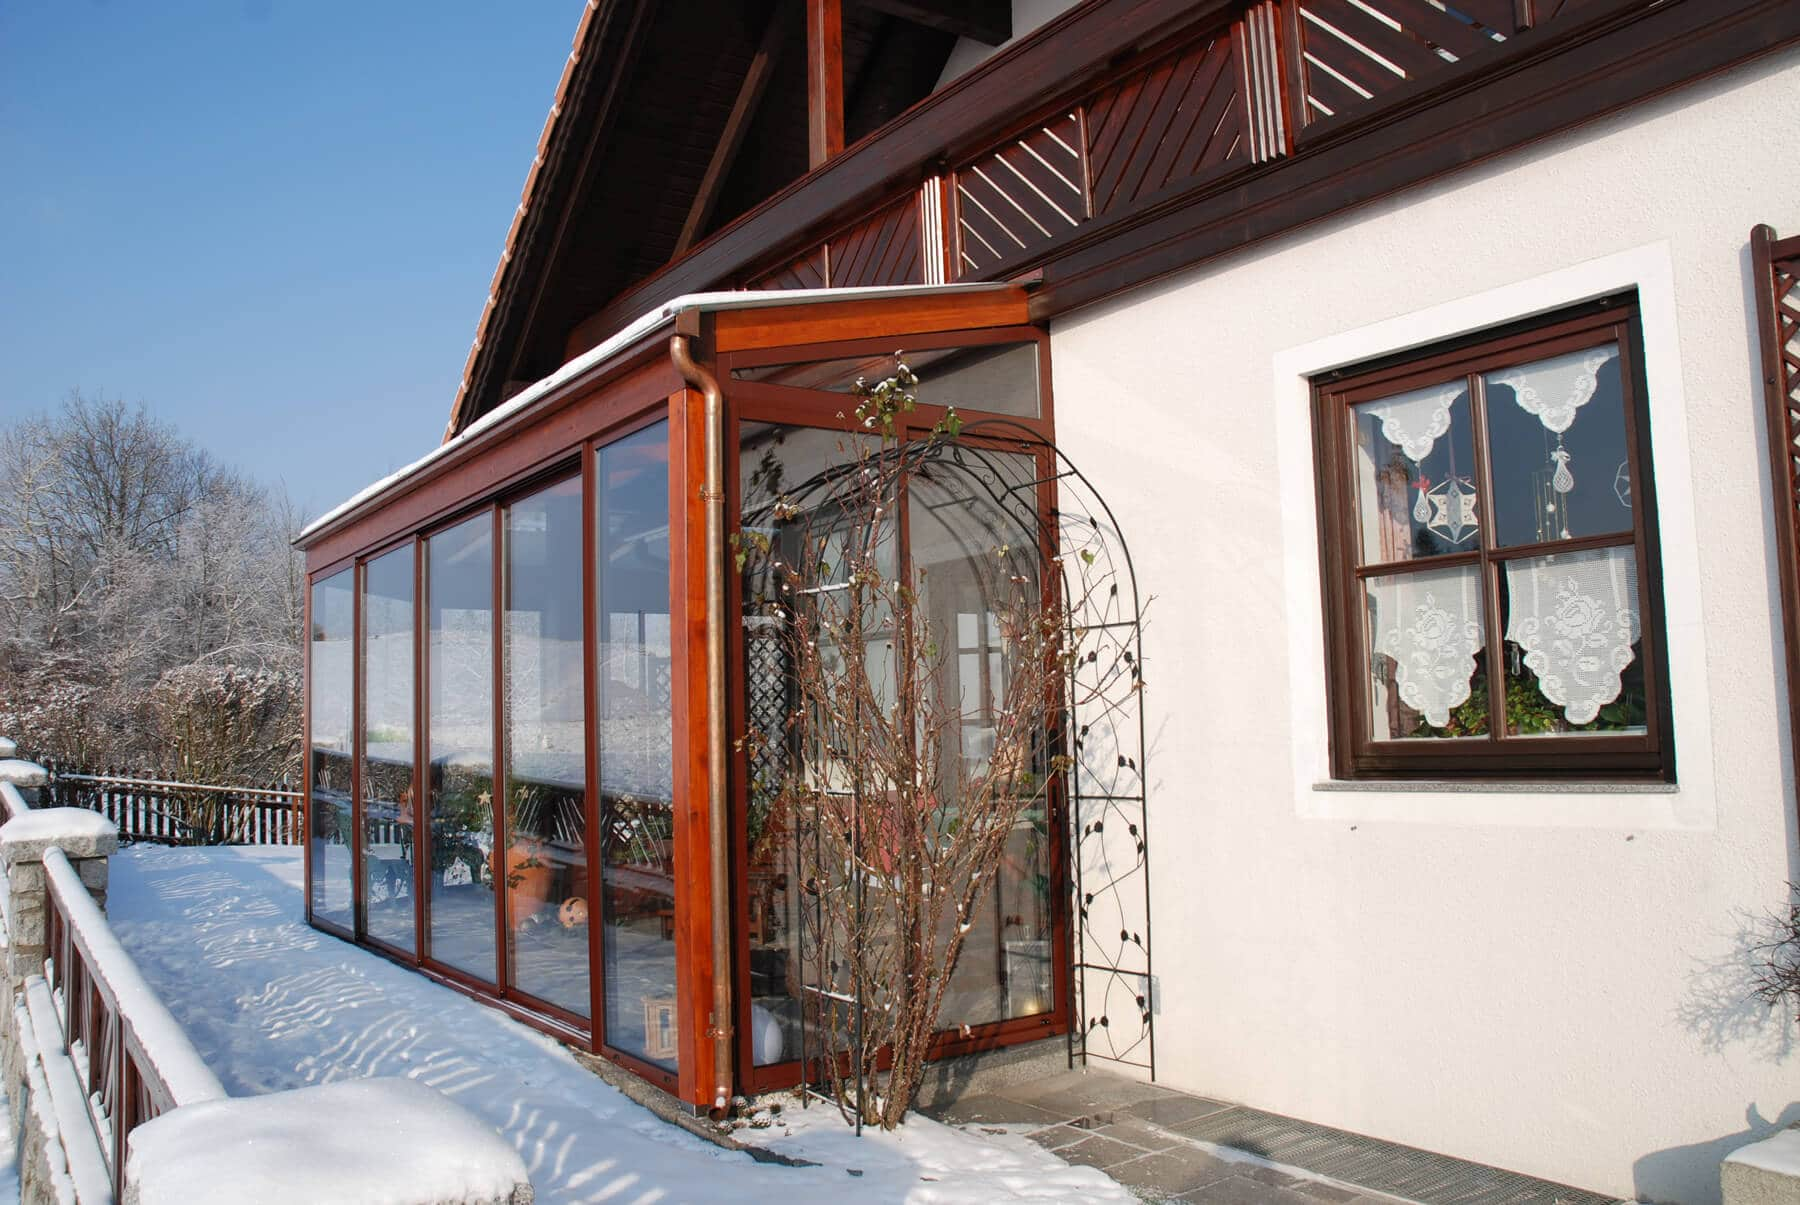 Faszinierend Haus Anbau Referenz Von Wintergarten An